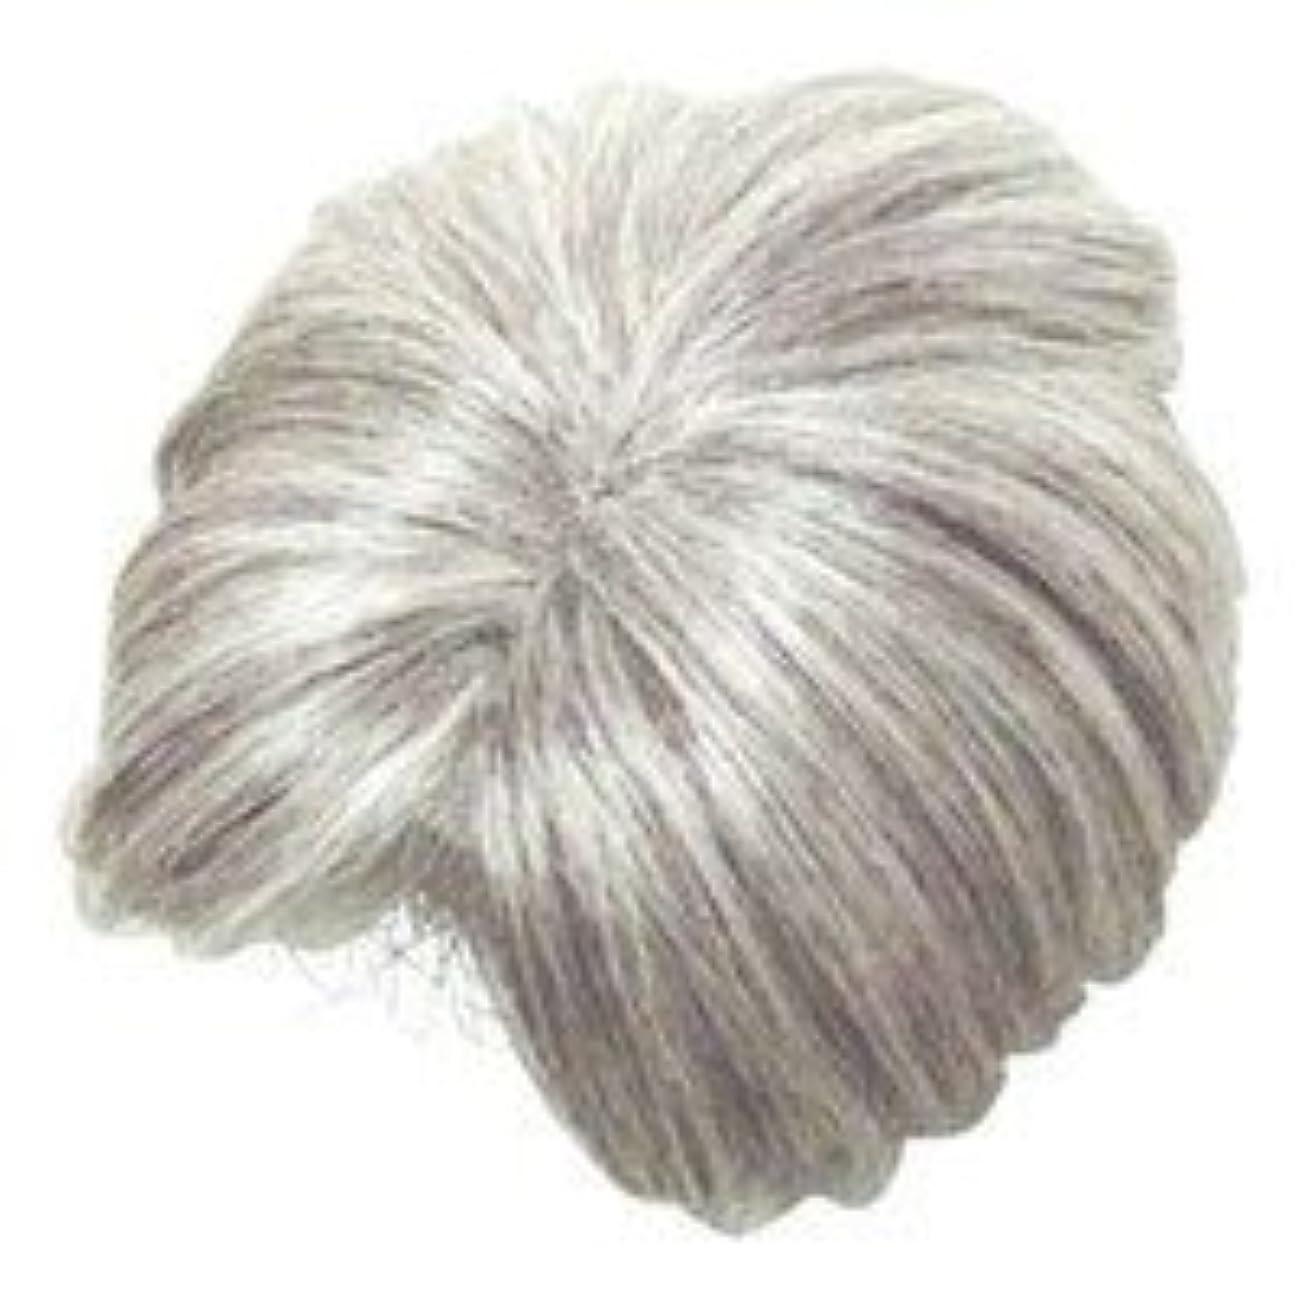 思われる化石縮れたモアヘアピース部分かつら (白髪80パーセント)